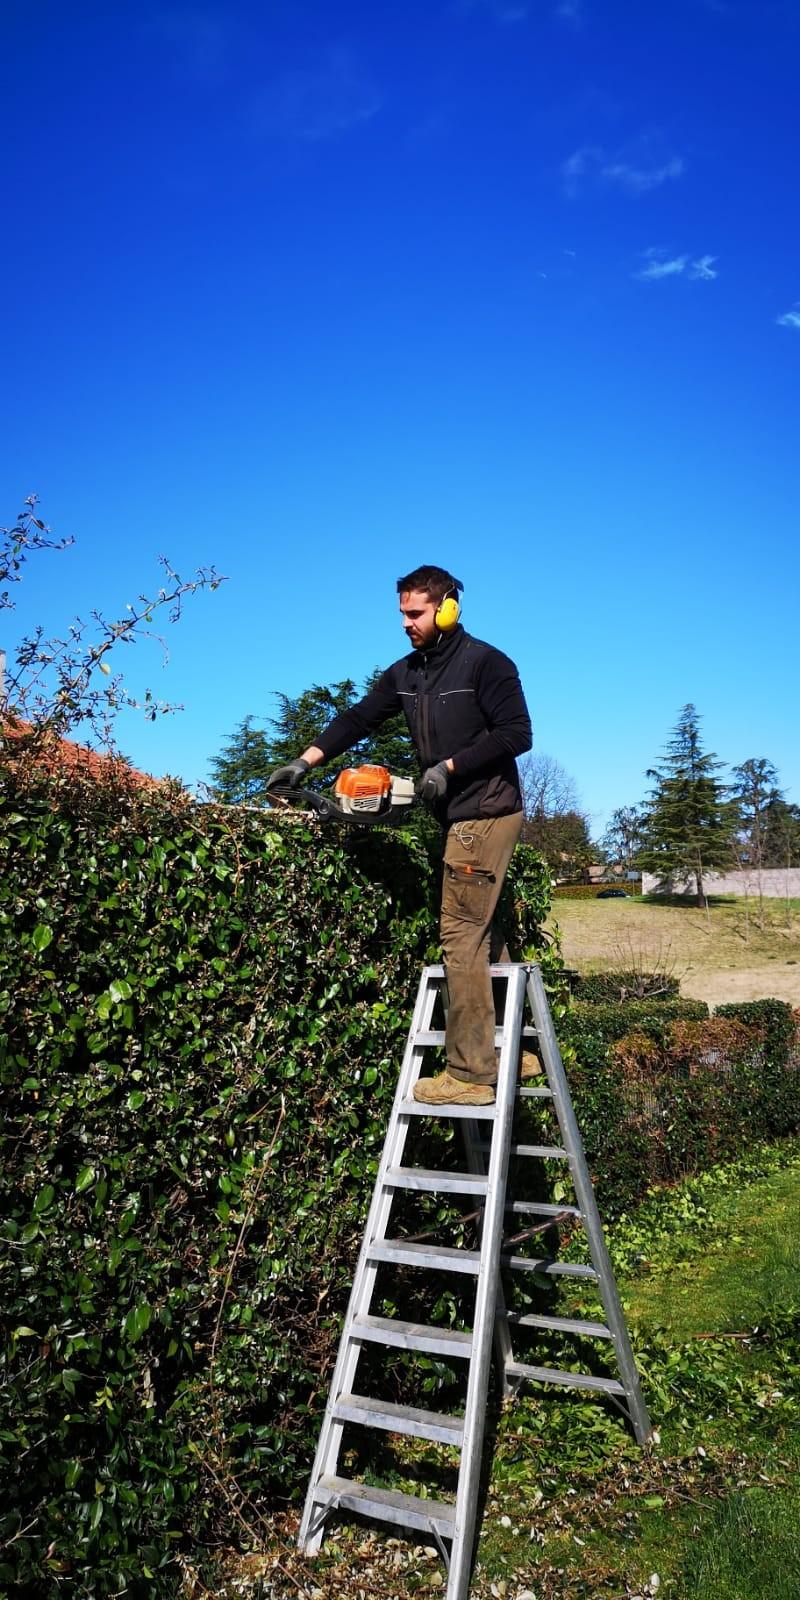 ditte di giardinaggio udine